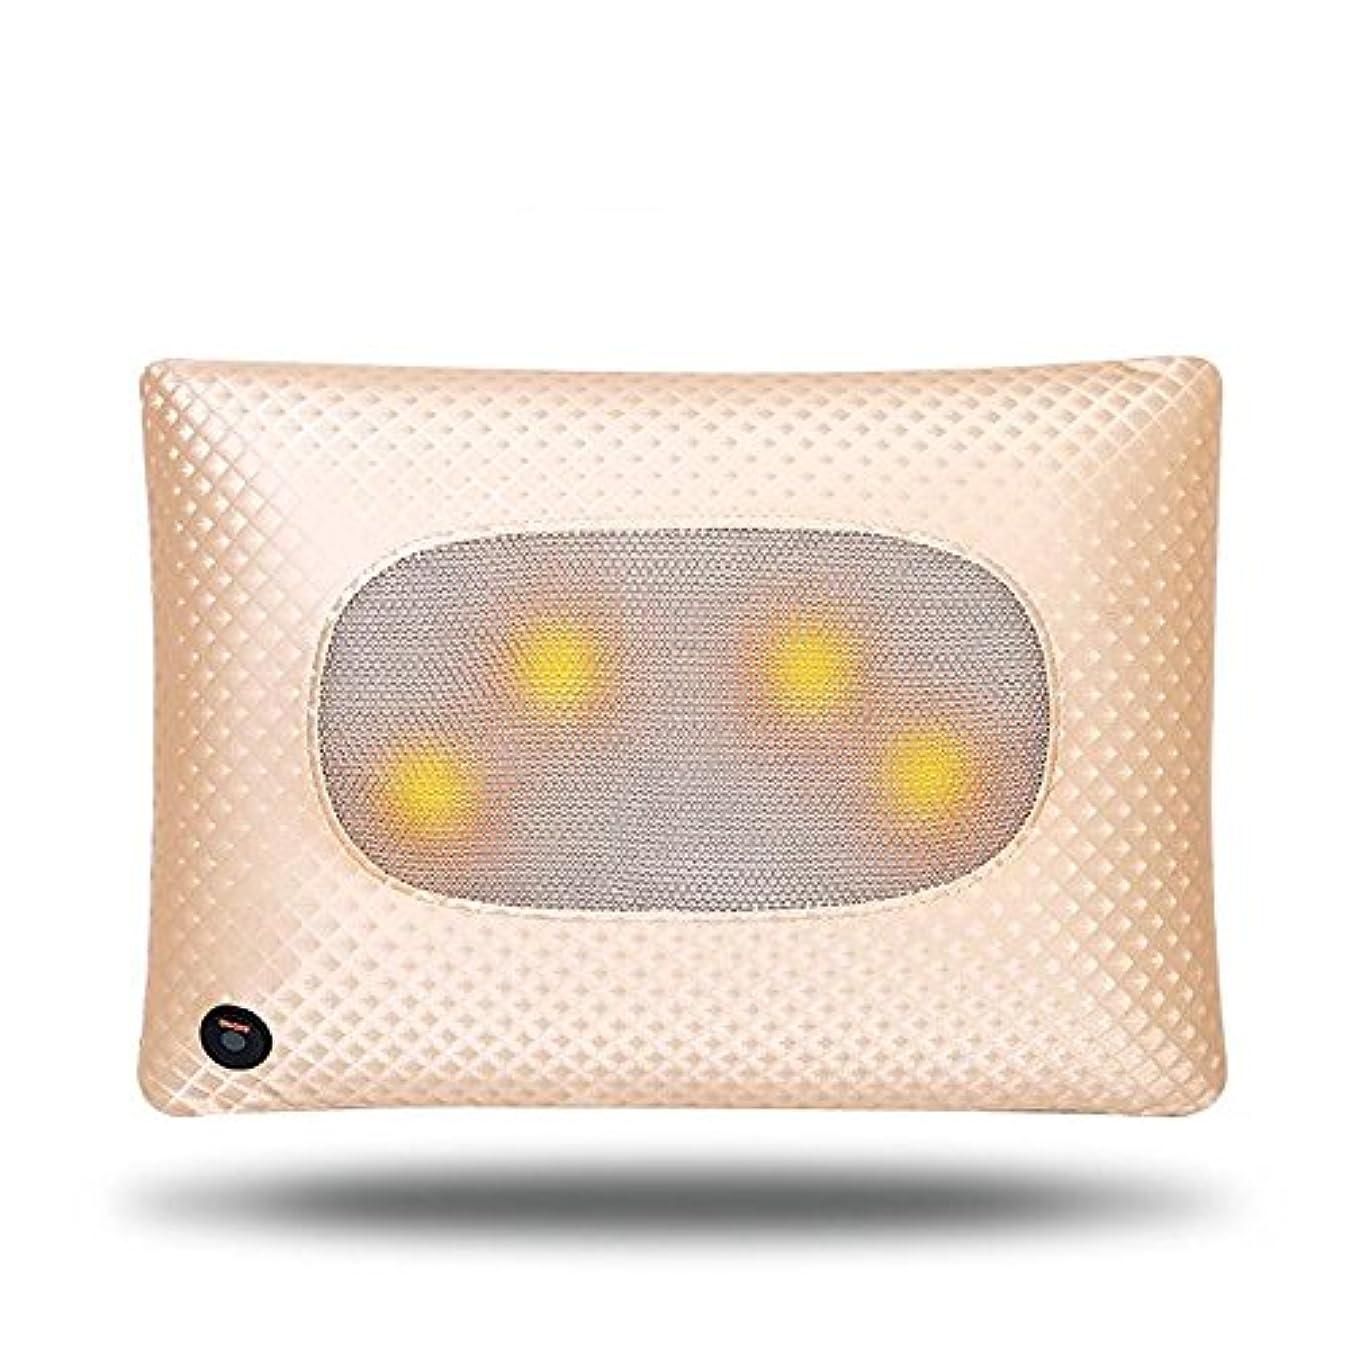 オッズ後ろに慢性的HAIZHEN マッサージチェア ホーム枕マッサージ多機能マッサージピロー混和マッサージ (色 : ゴールド)